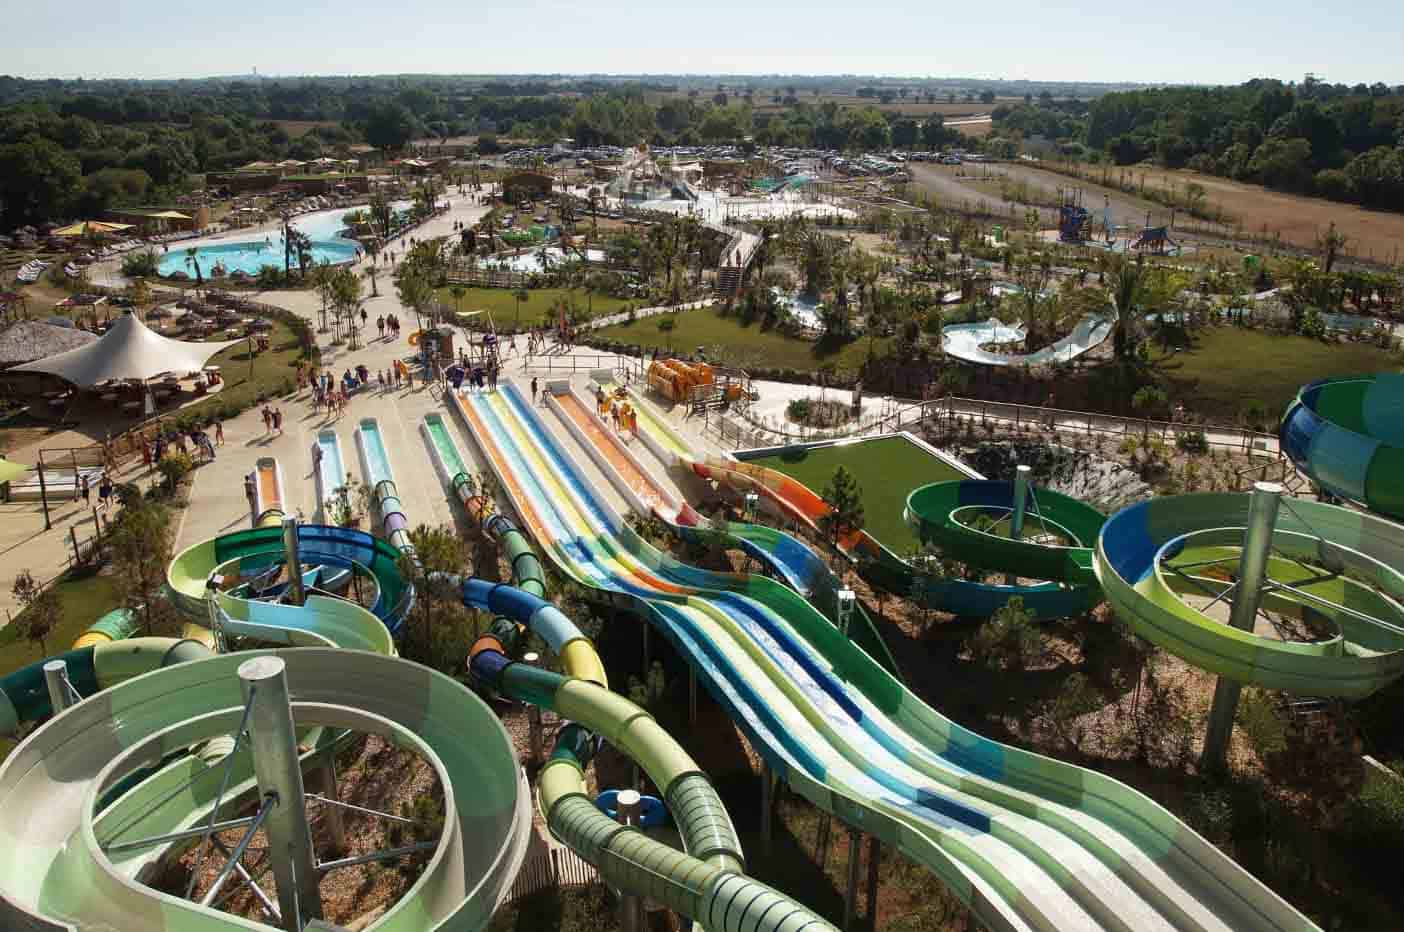 o gliss waterpark